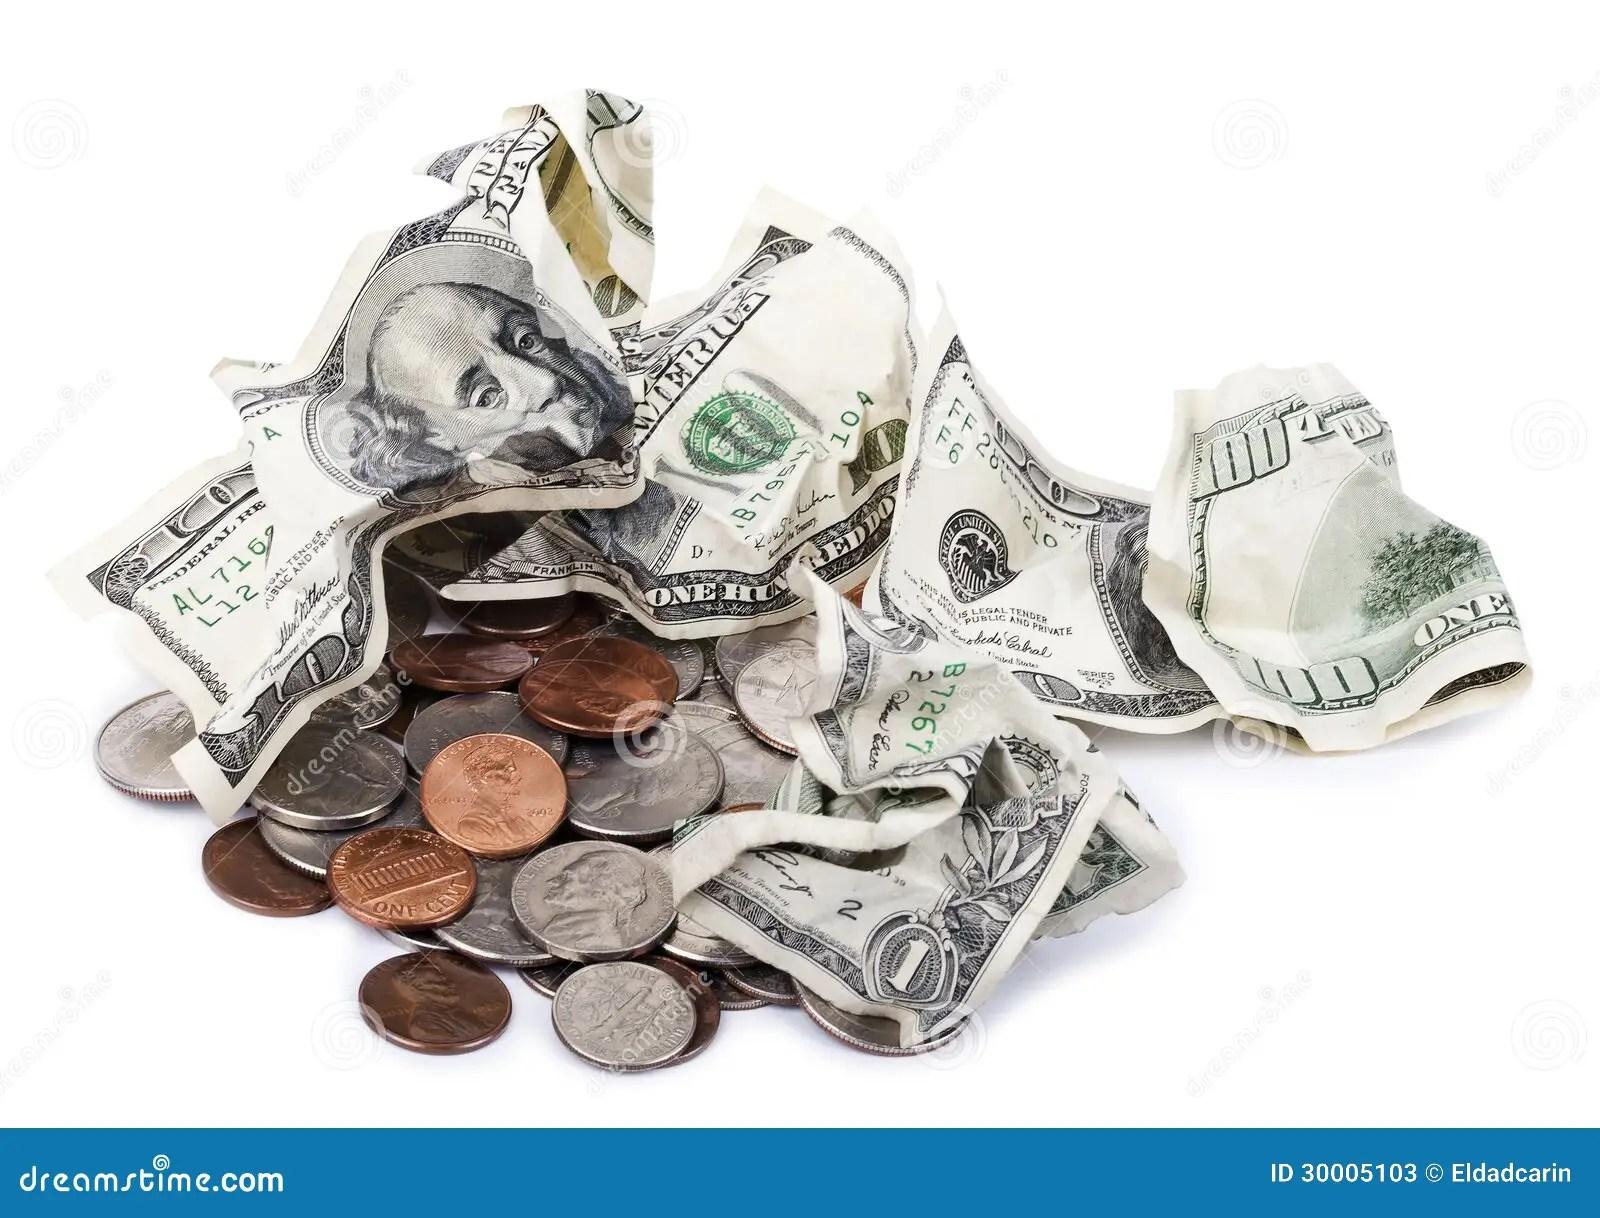 Coin Worksheet Dimes Nickels Pennies